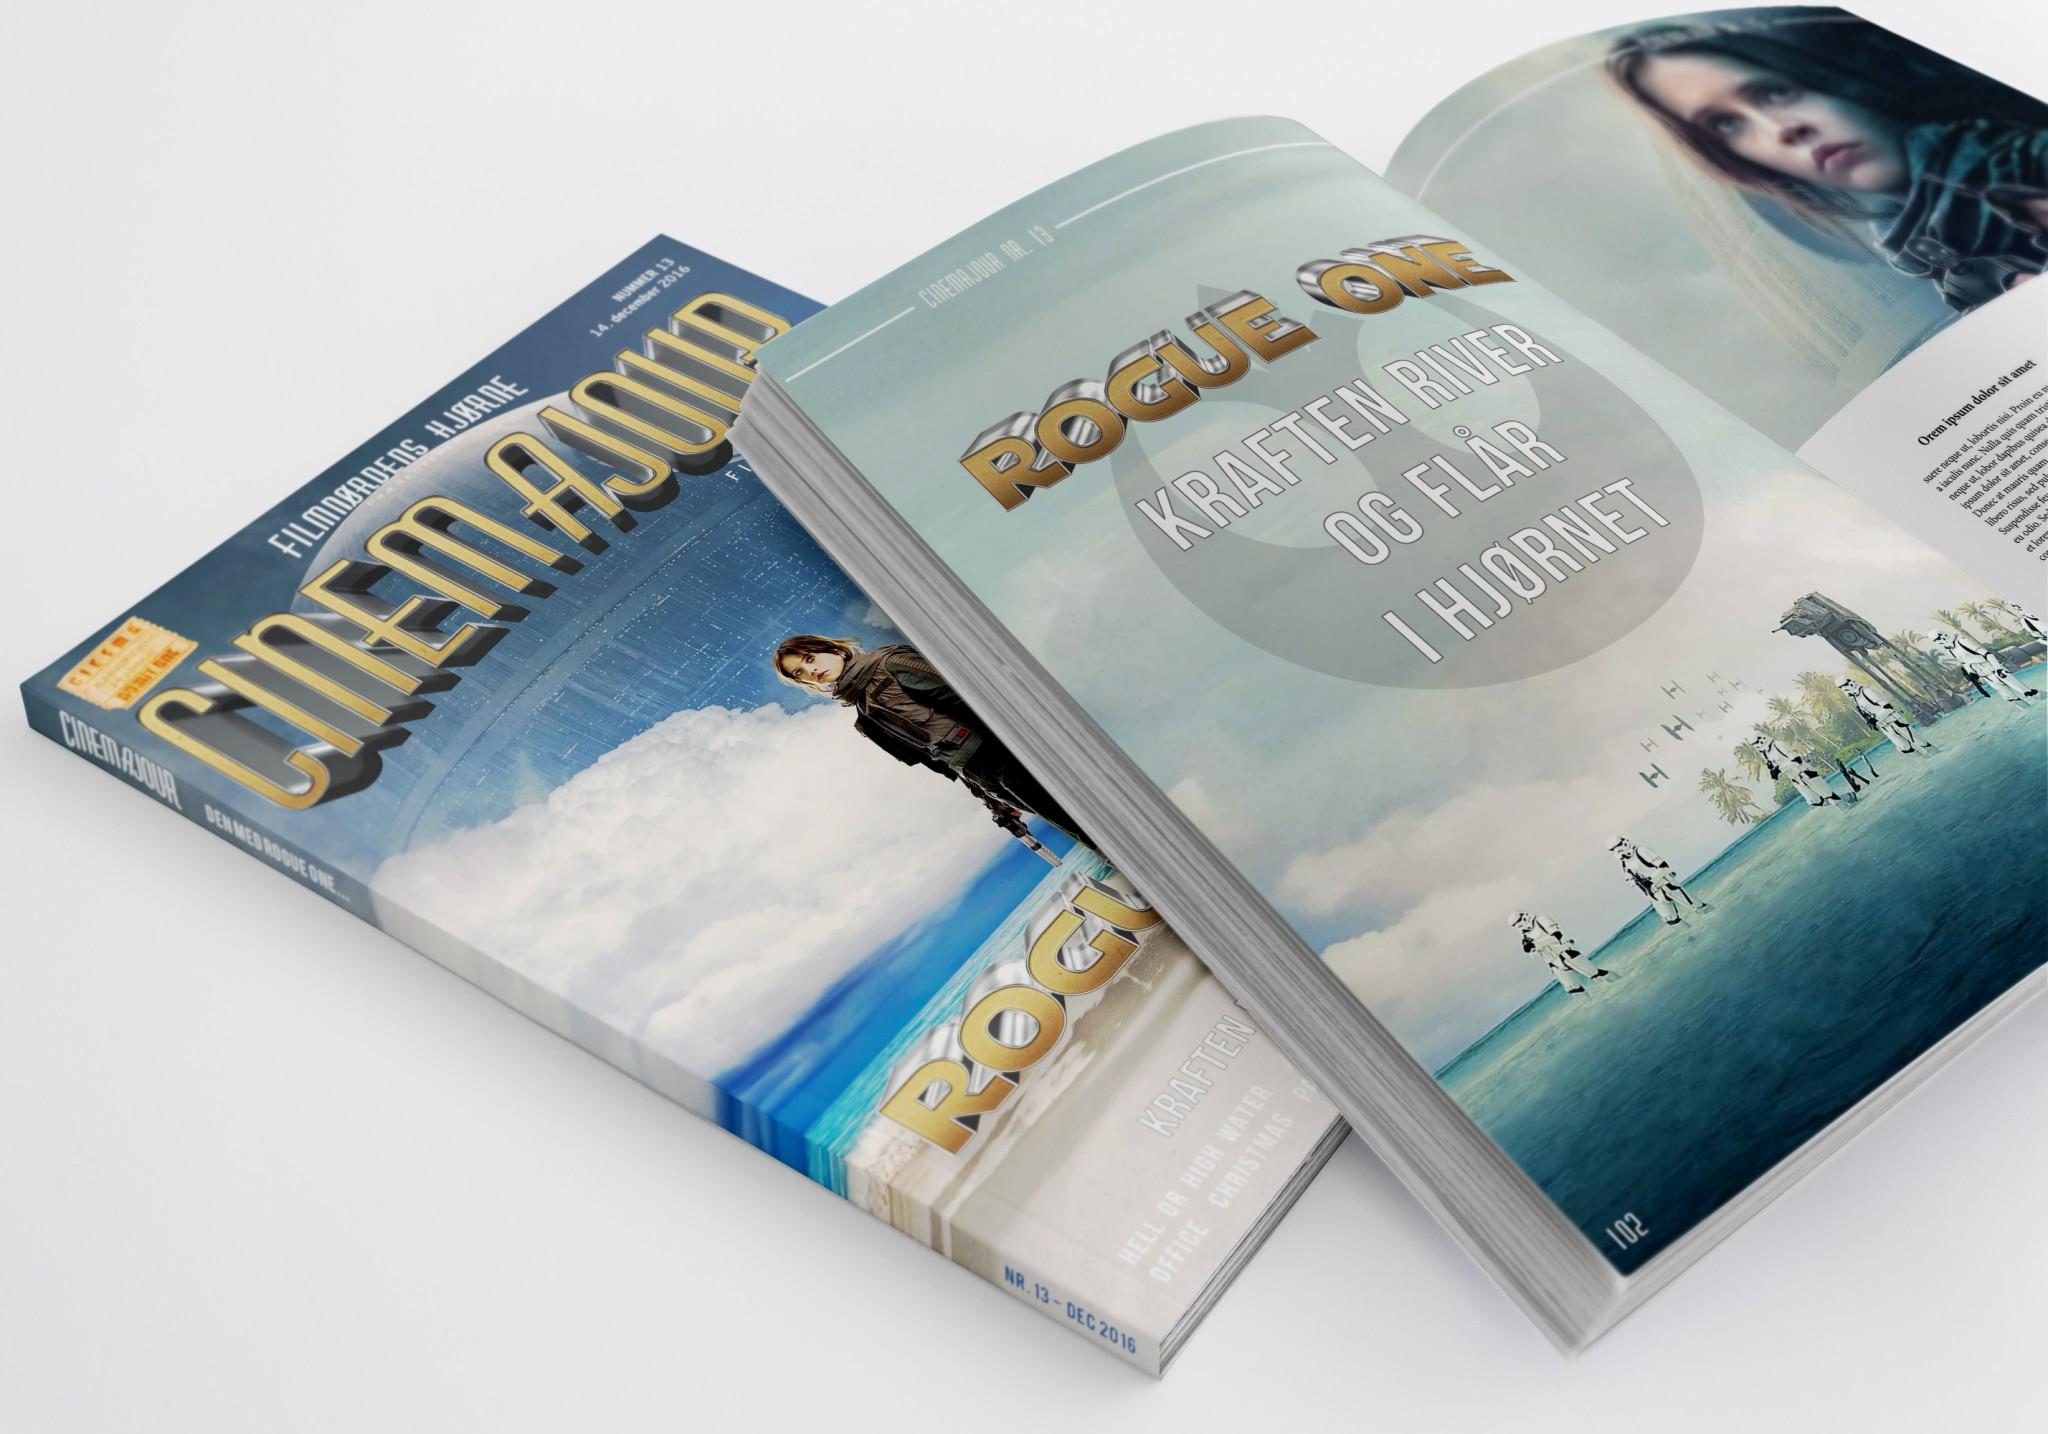 magazine-mockup-6-infinity-originalmockups-com